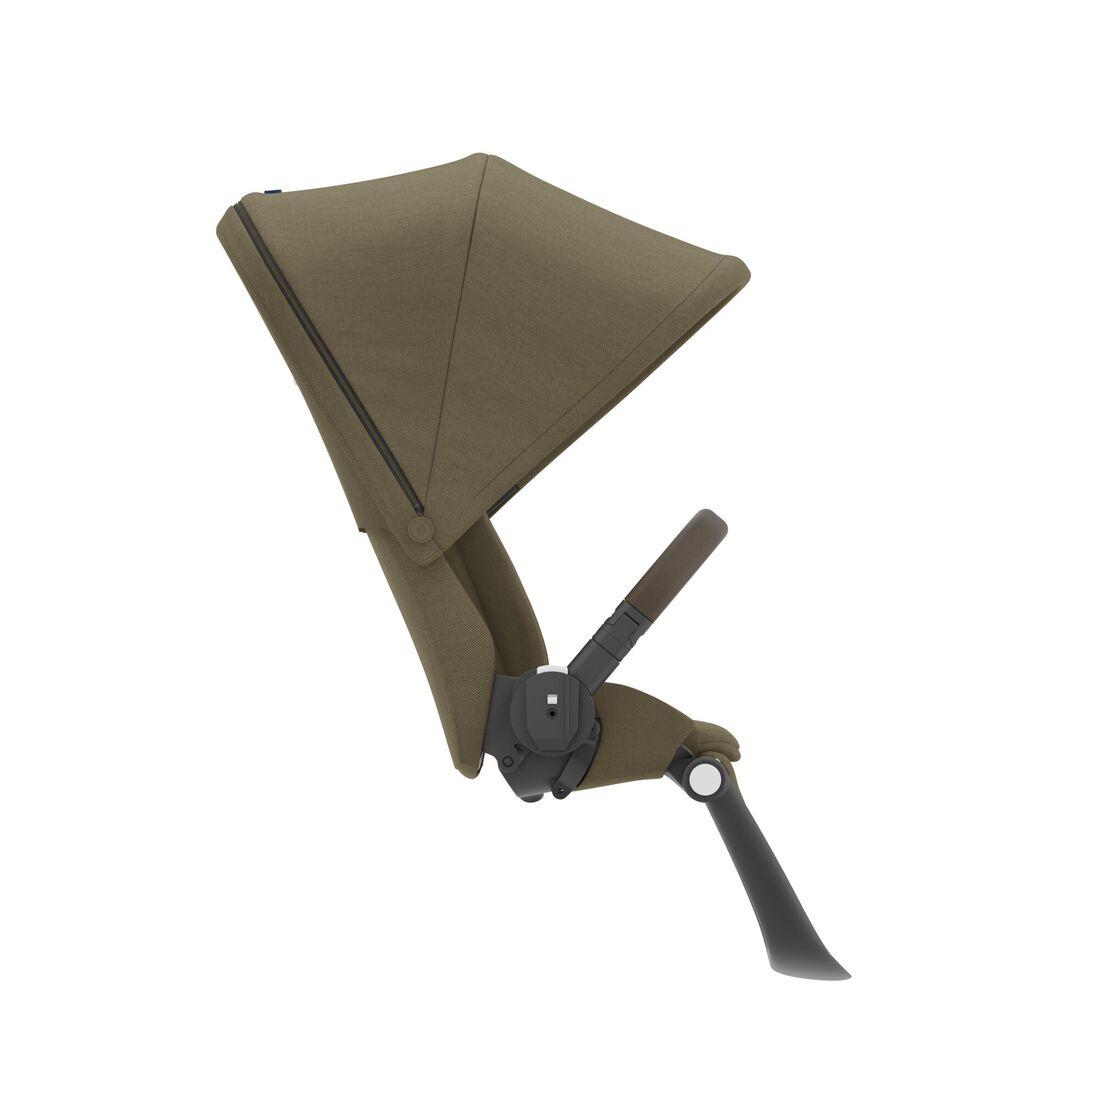 CYBEX Gazelle S Sitzeinheit - Classic Beige (Taupe Frame) in Classic Beige (Taupe Frame) large Bild 2